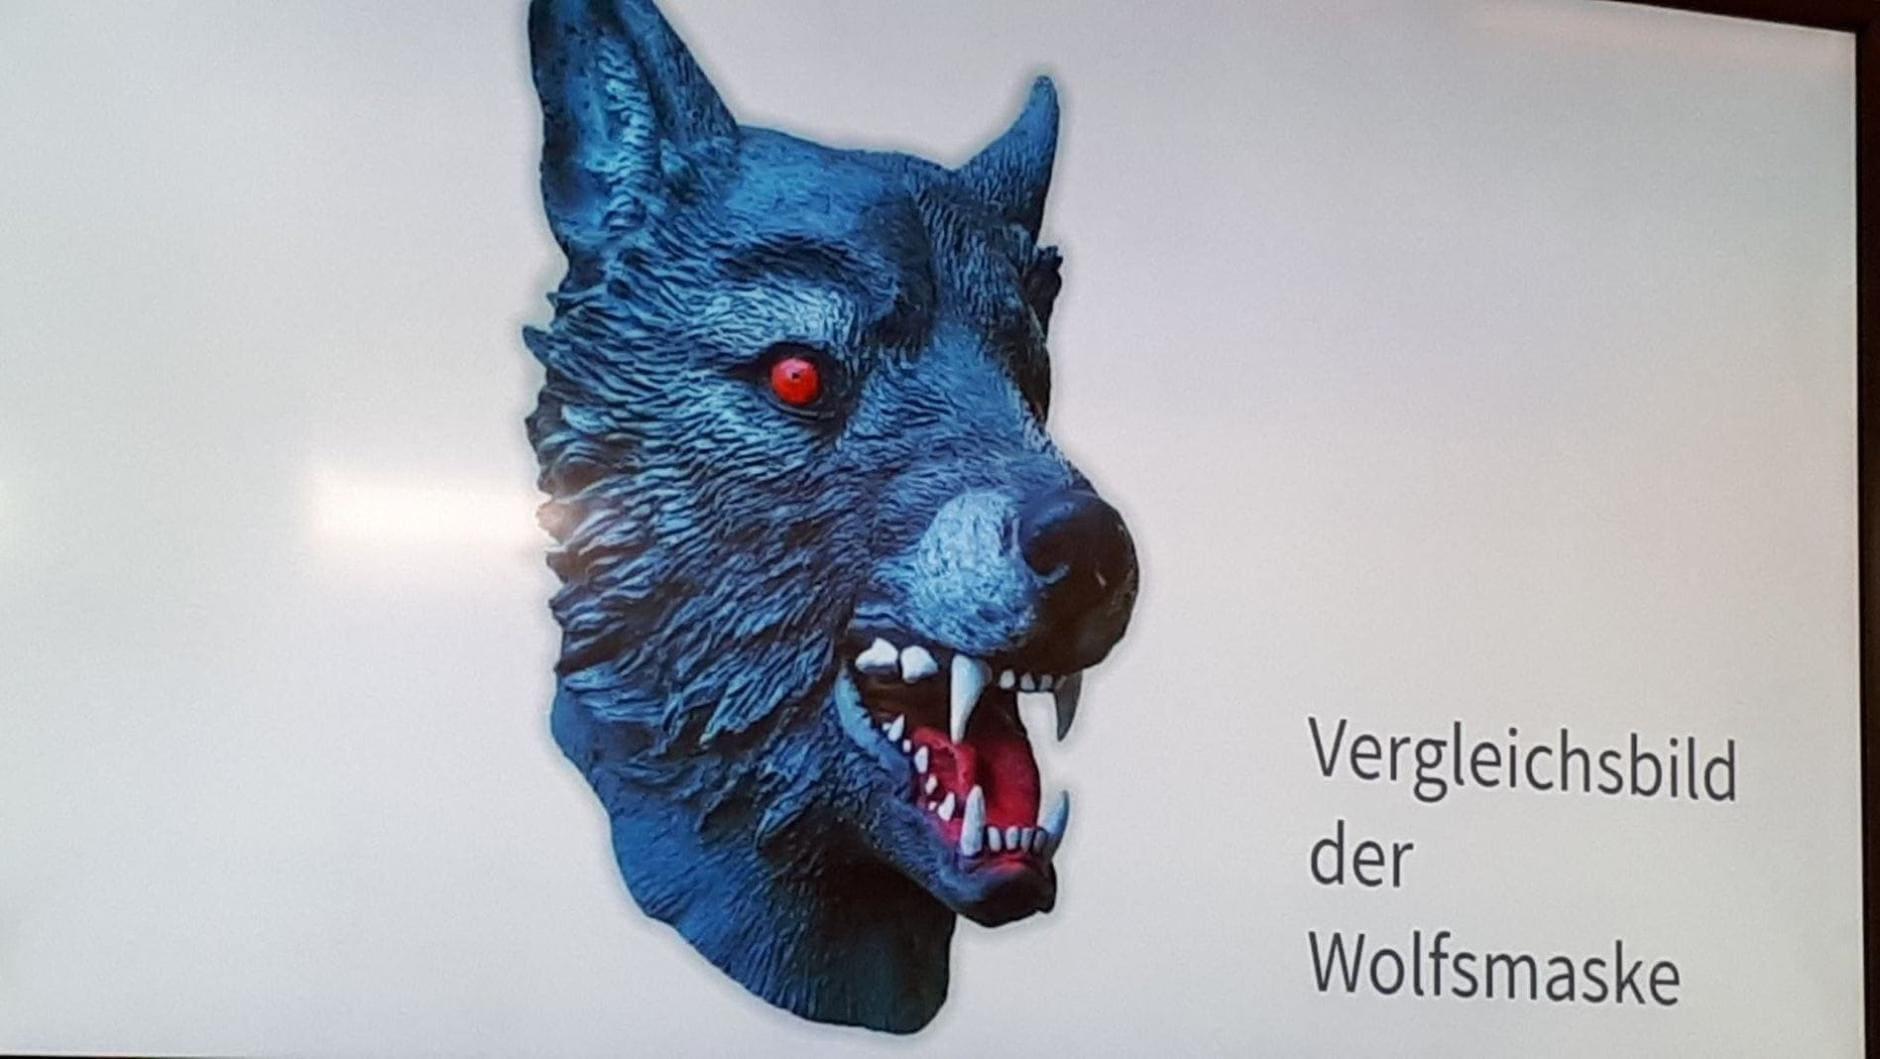 Foto: Polizei München